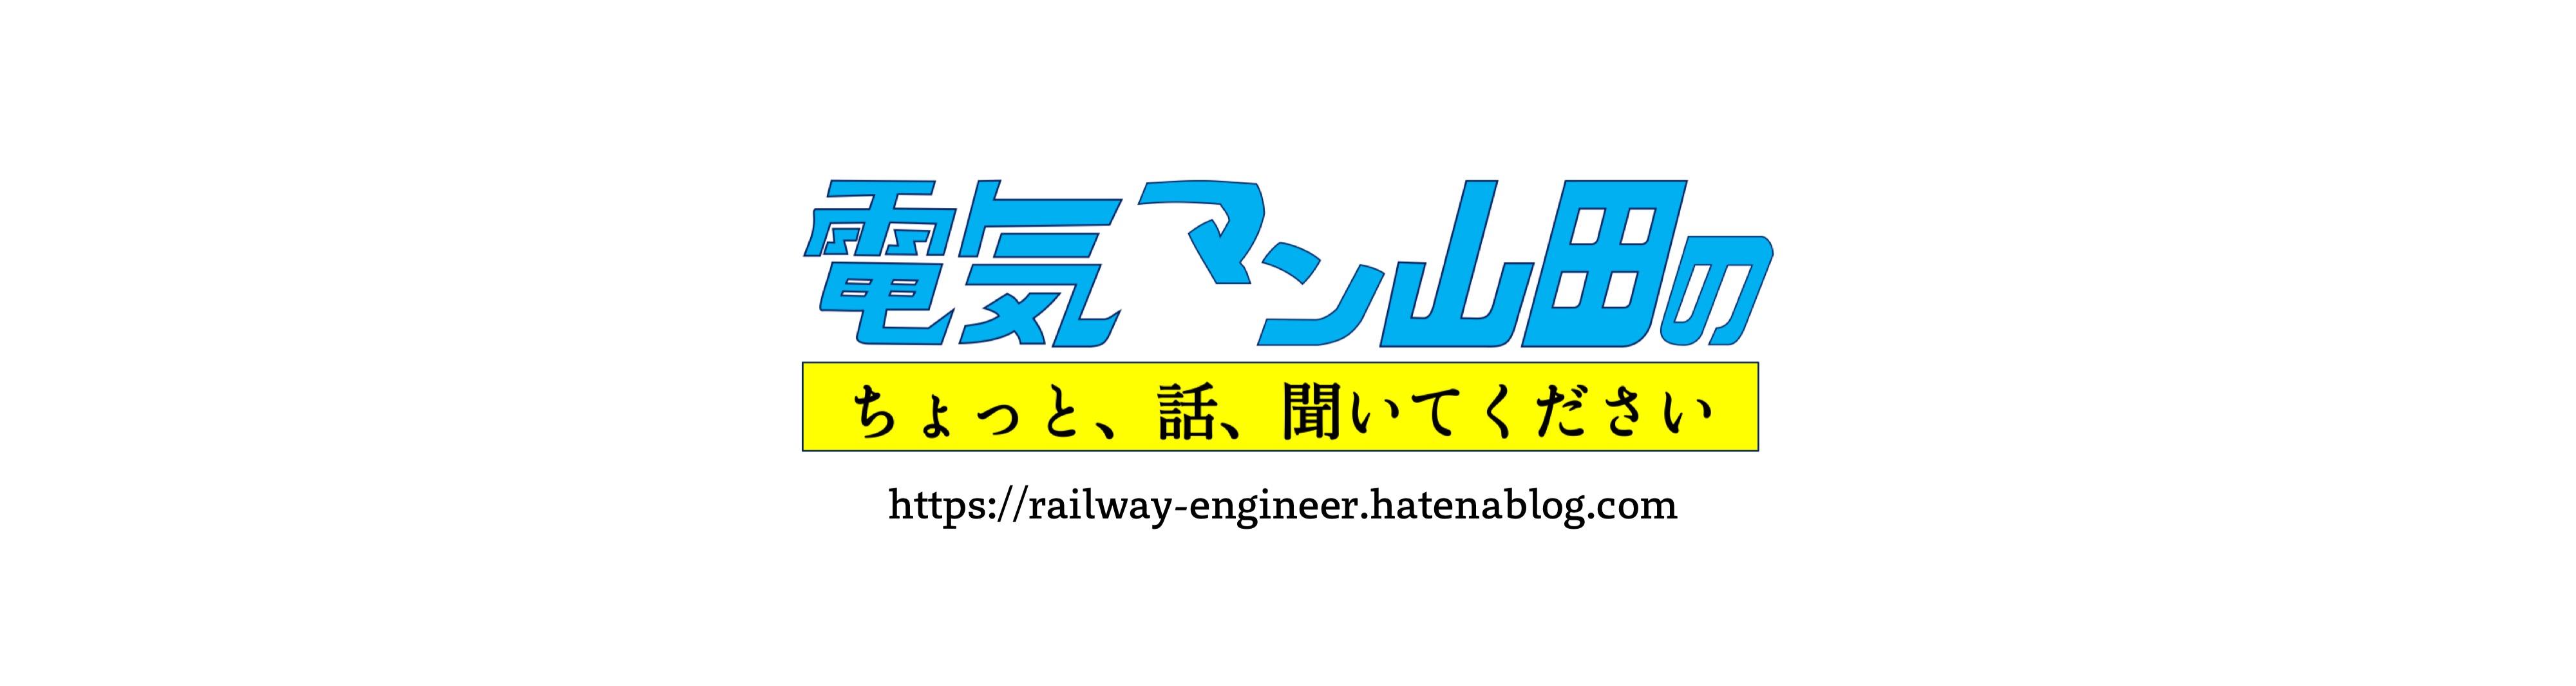 鉄道で未来を変えたい